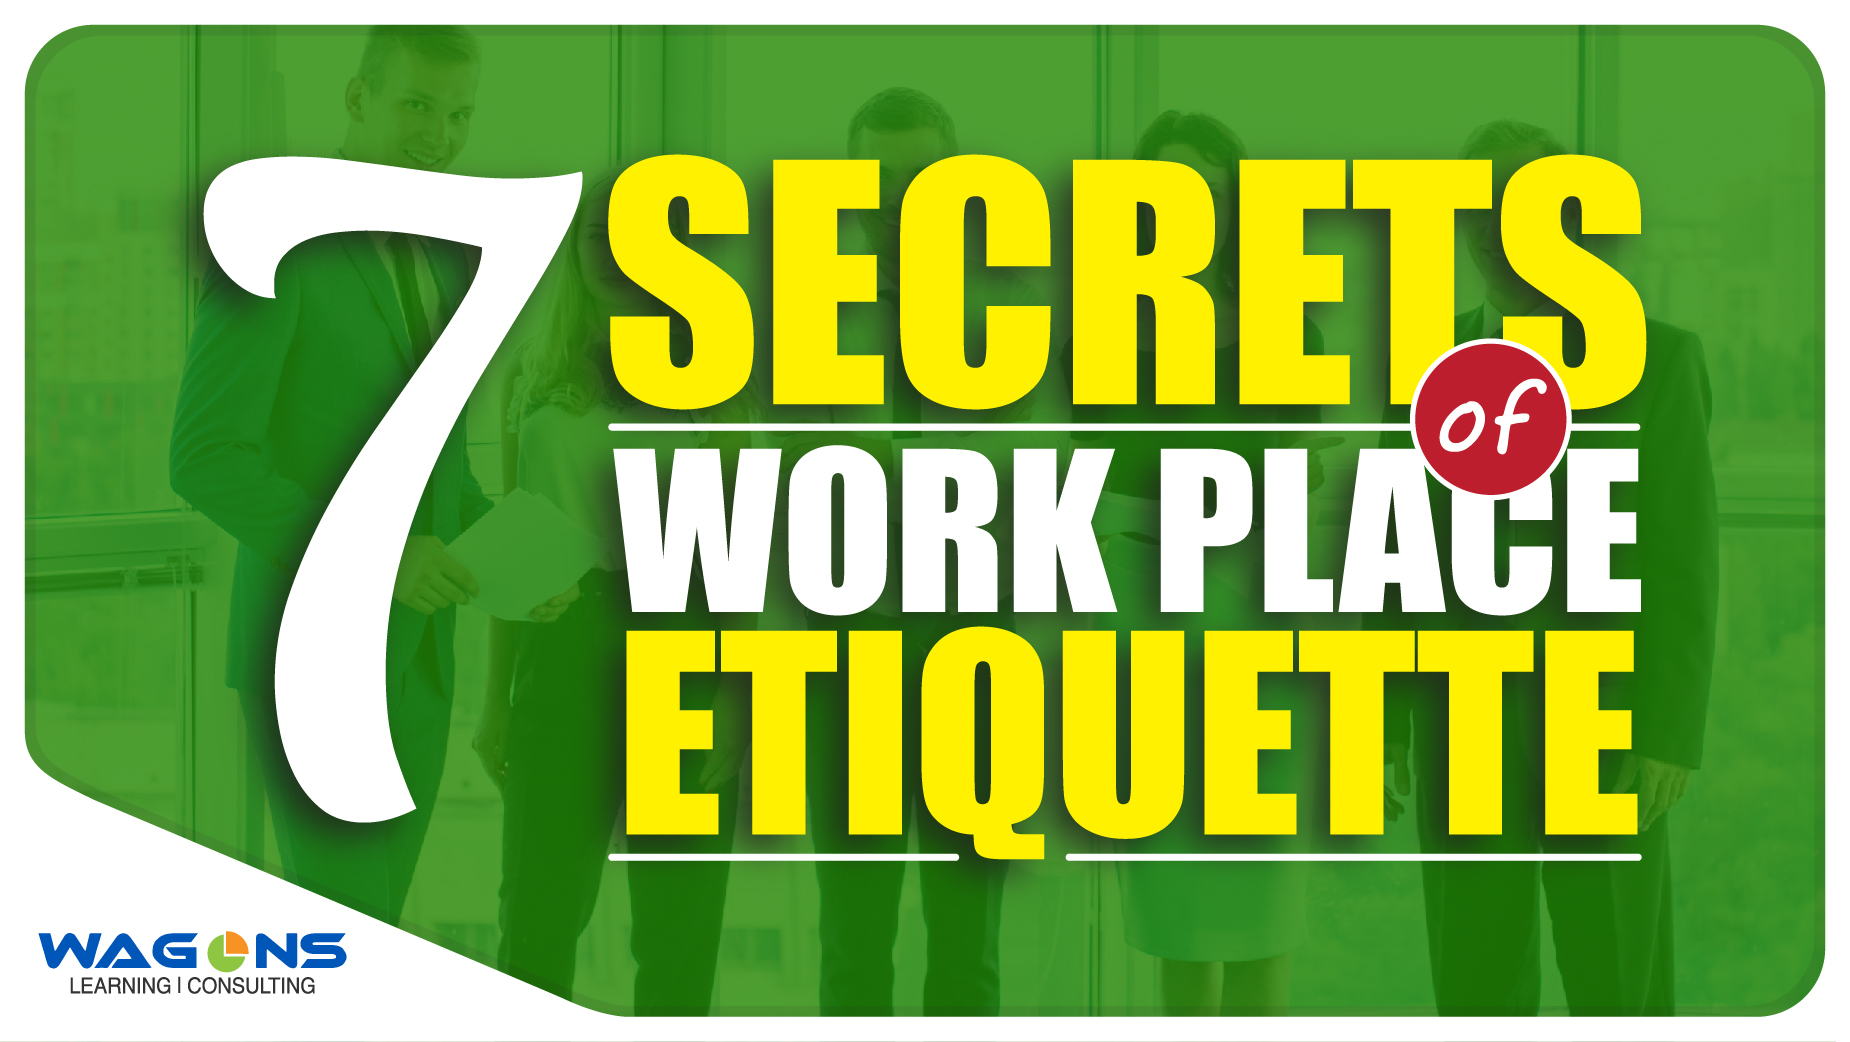 The 7 secrets of work place etiquette-01